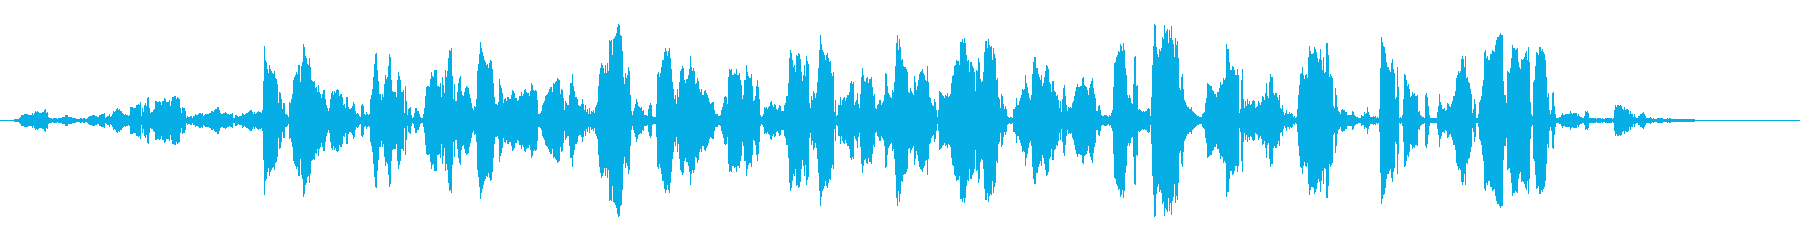 ラッピングの再生済みの波形